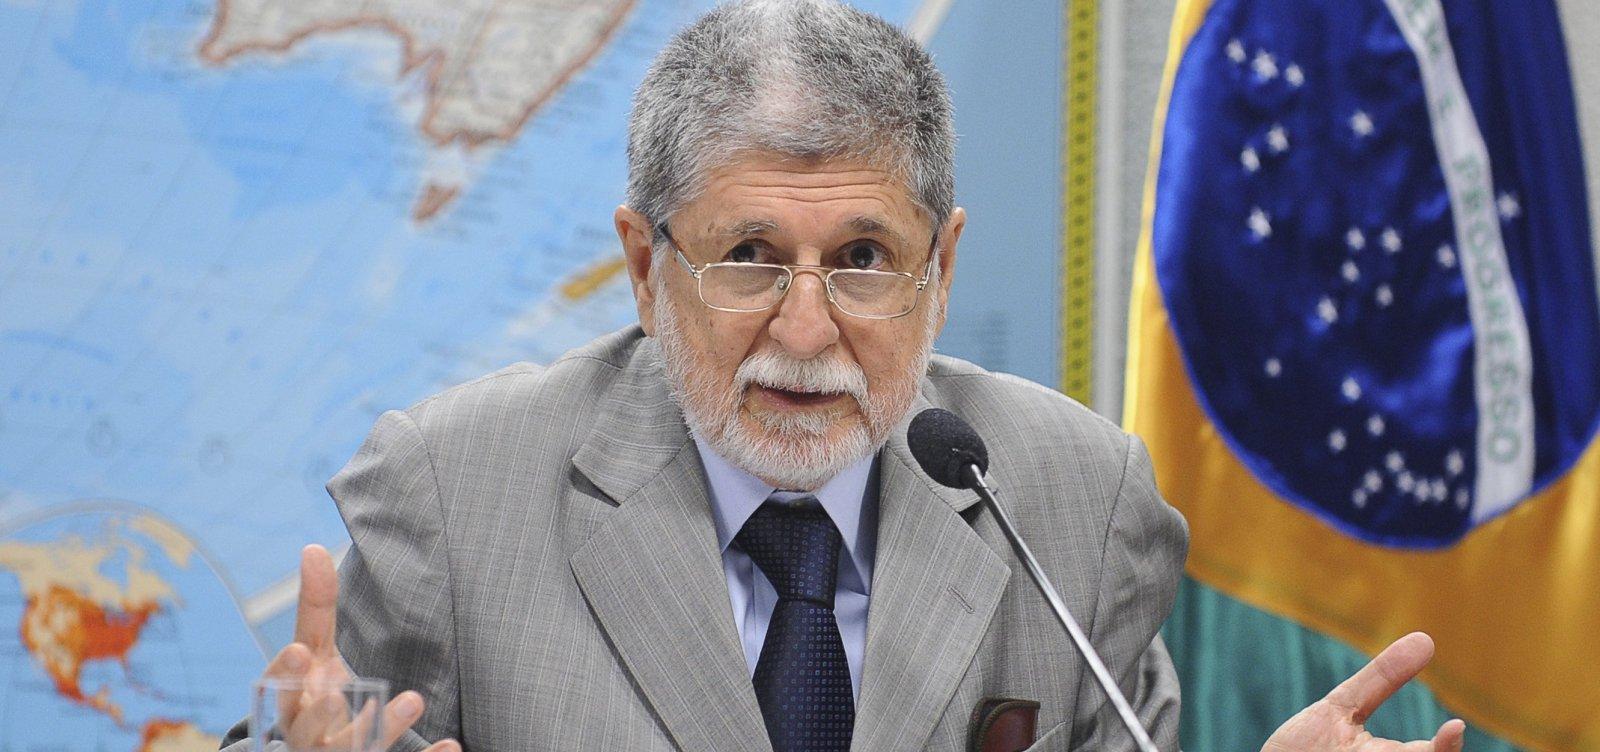 [Ex-chanceler Celso Amorim diz que Brasil quer fazer um 'Brexit' no Mercosul]